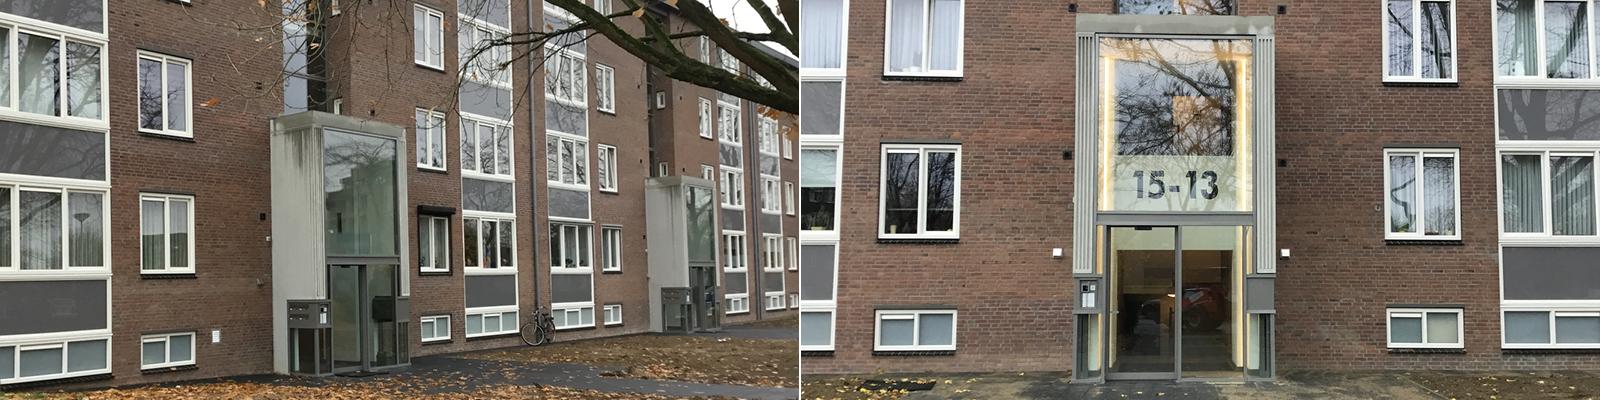 http://epm.nl/wp-content/uploads/2017/12/banner_vrangendael.jpg